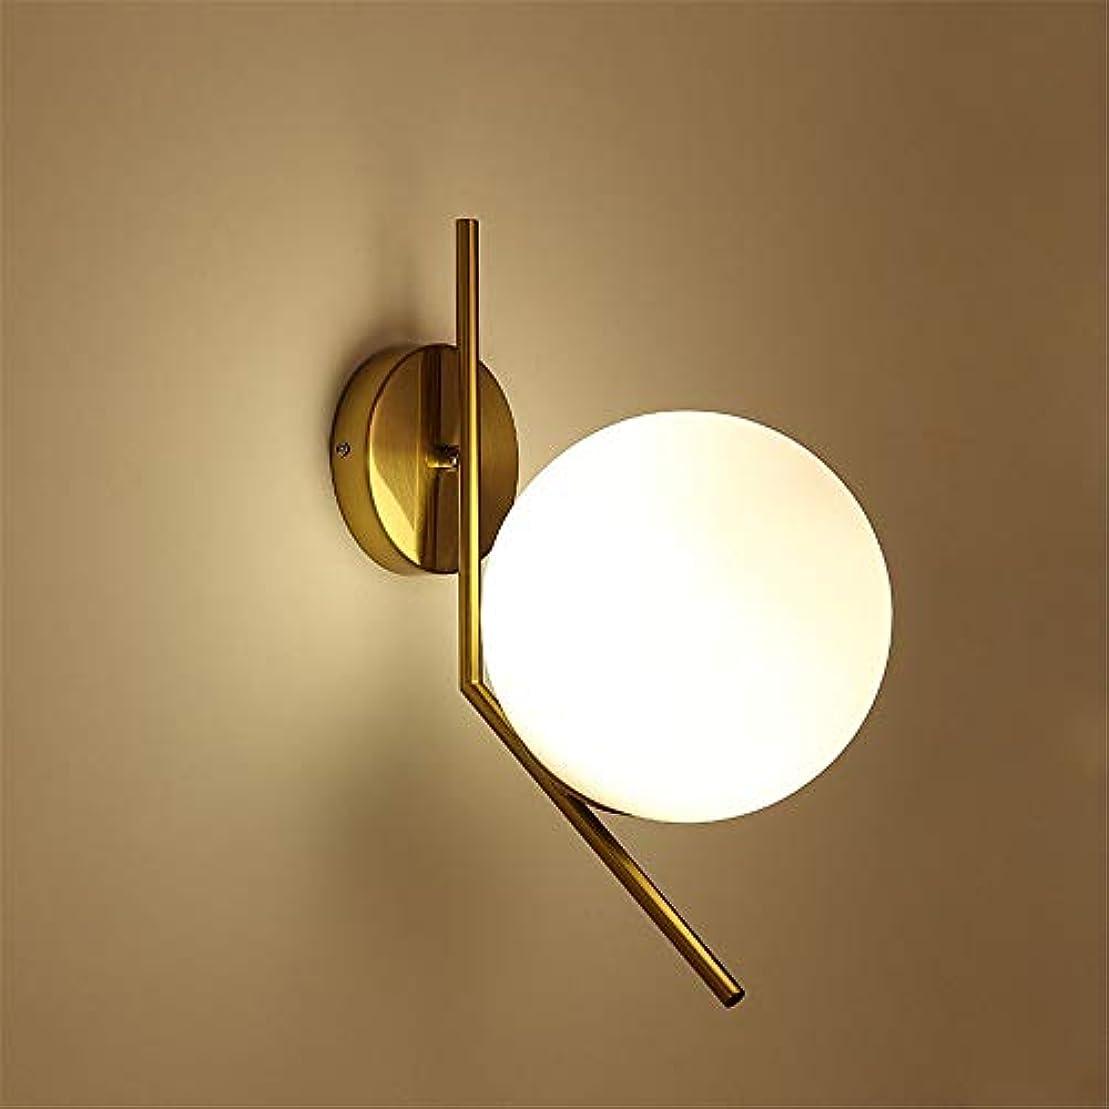 フィドルなくなるマトロン北欧のモダンモダンガラス球ウォールランプリビングルームベッドルームベッドサイドバルコニー廊下通路錬鉄人格クリエイティブランプ 照明器具 (色 : ゴールド, サイズ : 42*20cm)